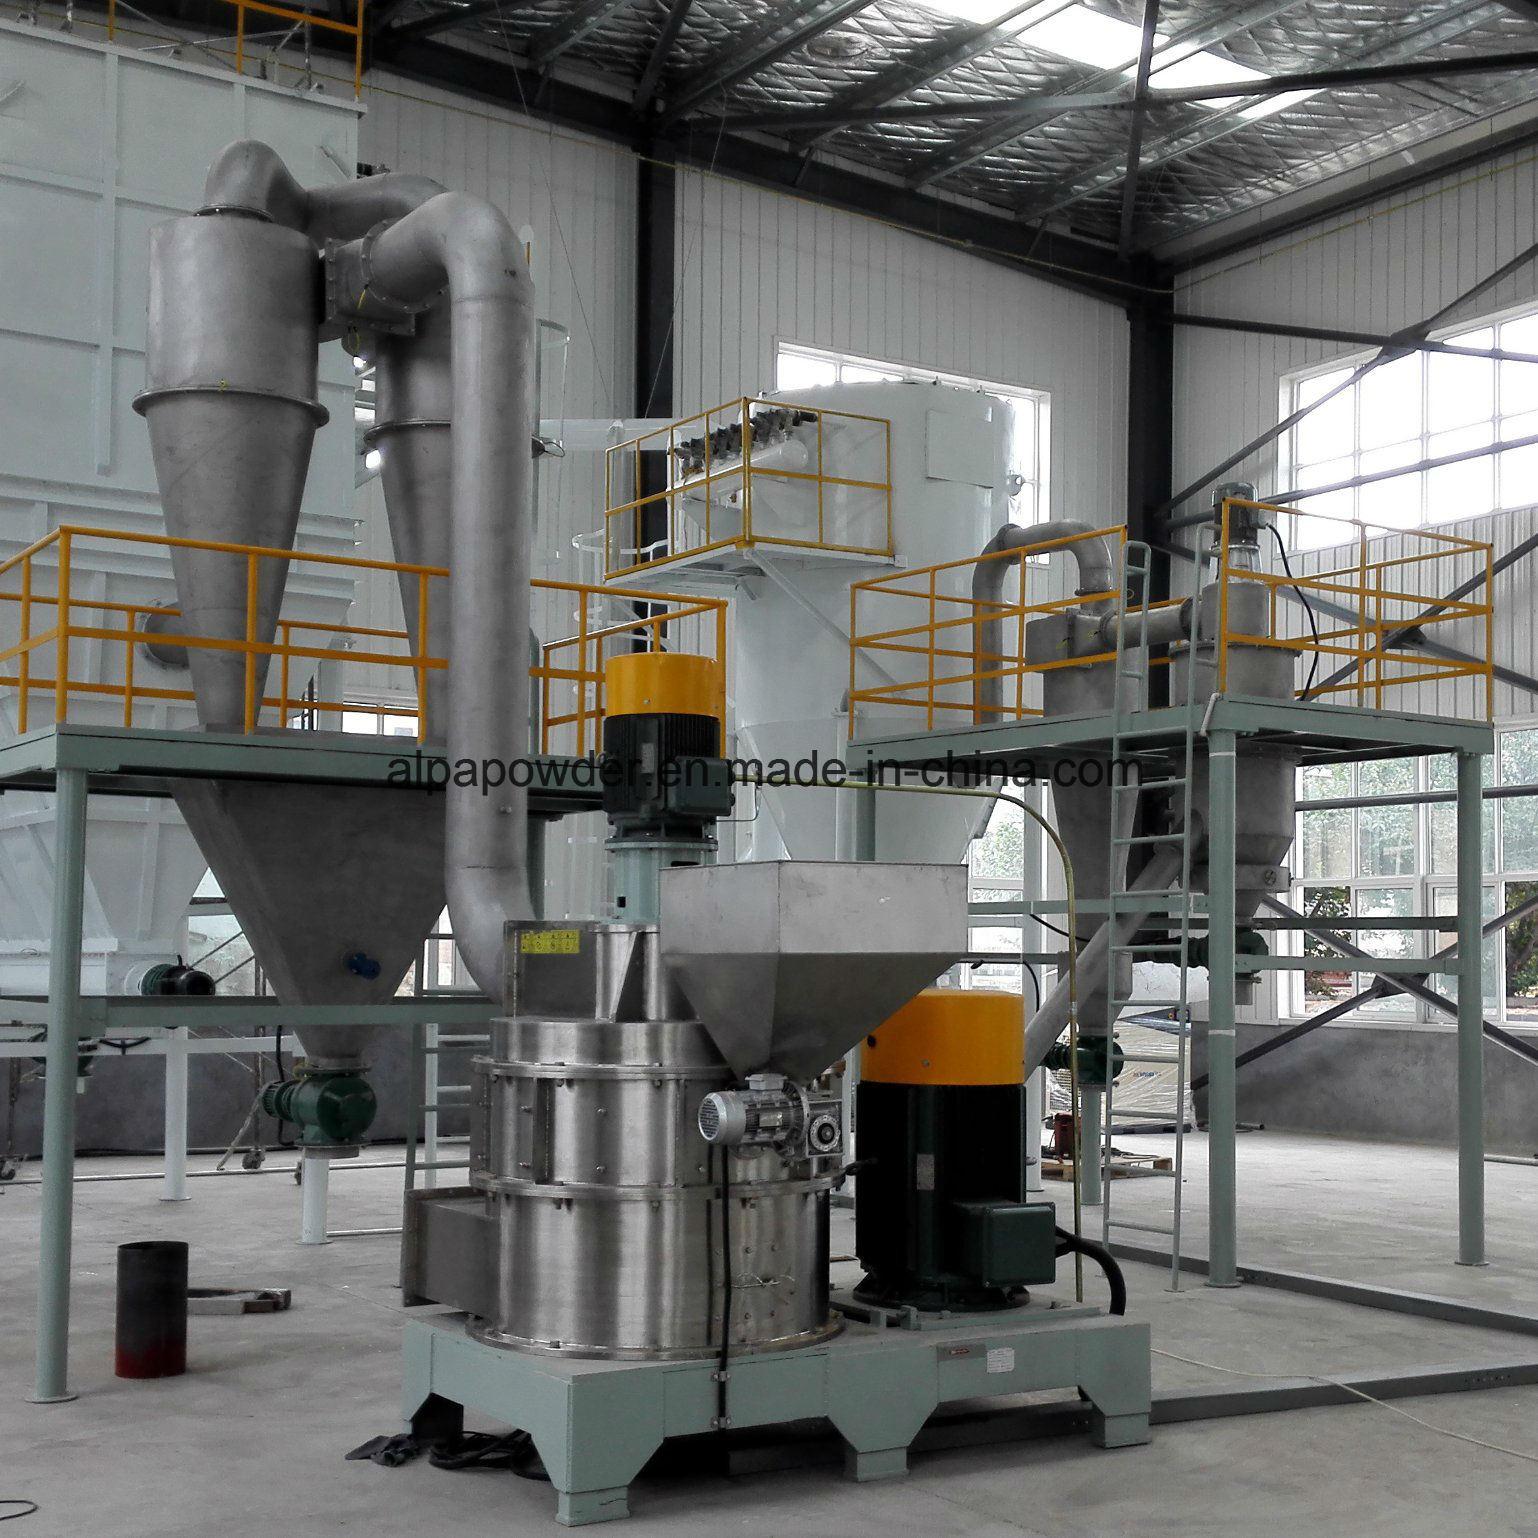 Hot Sale Csm Crusher Mill Machine